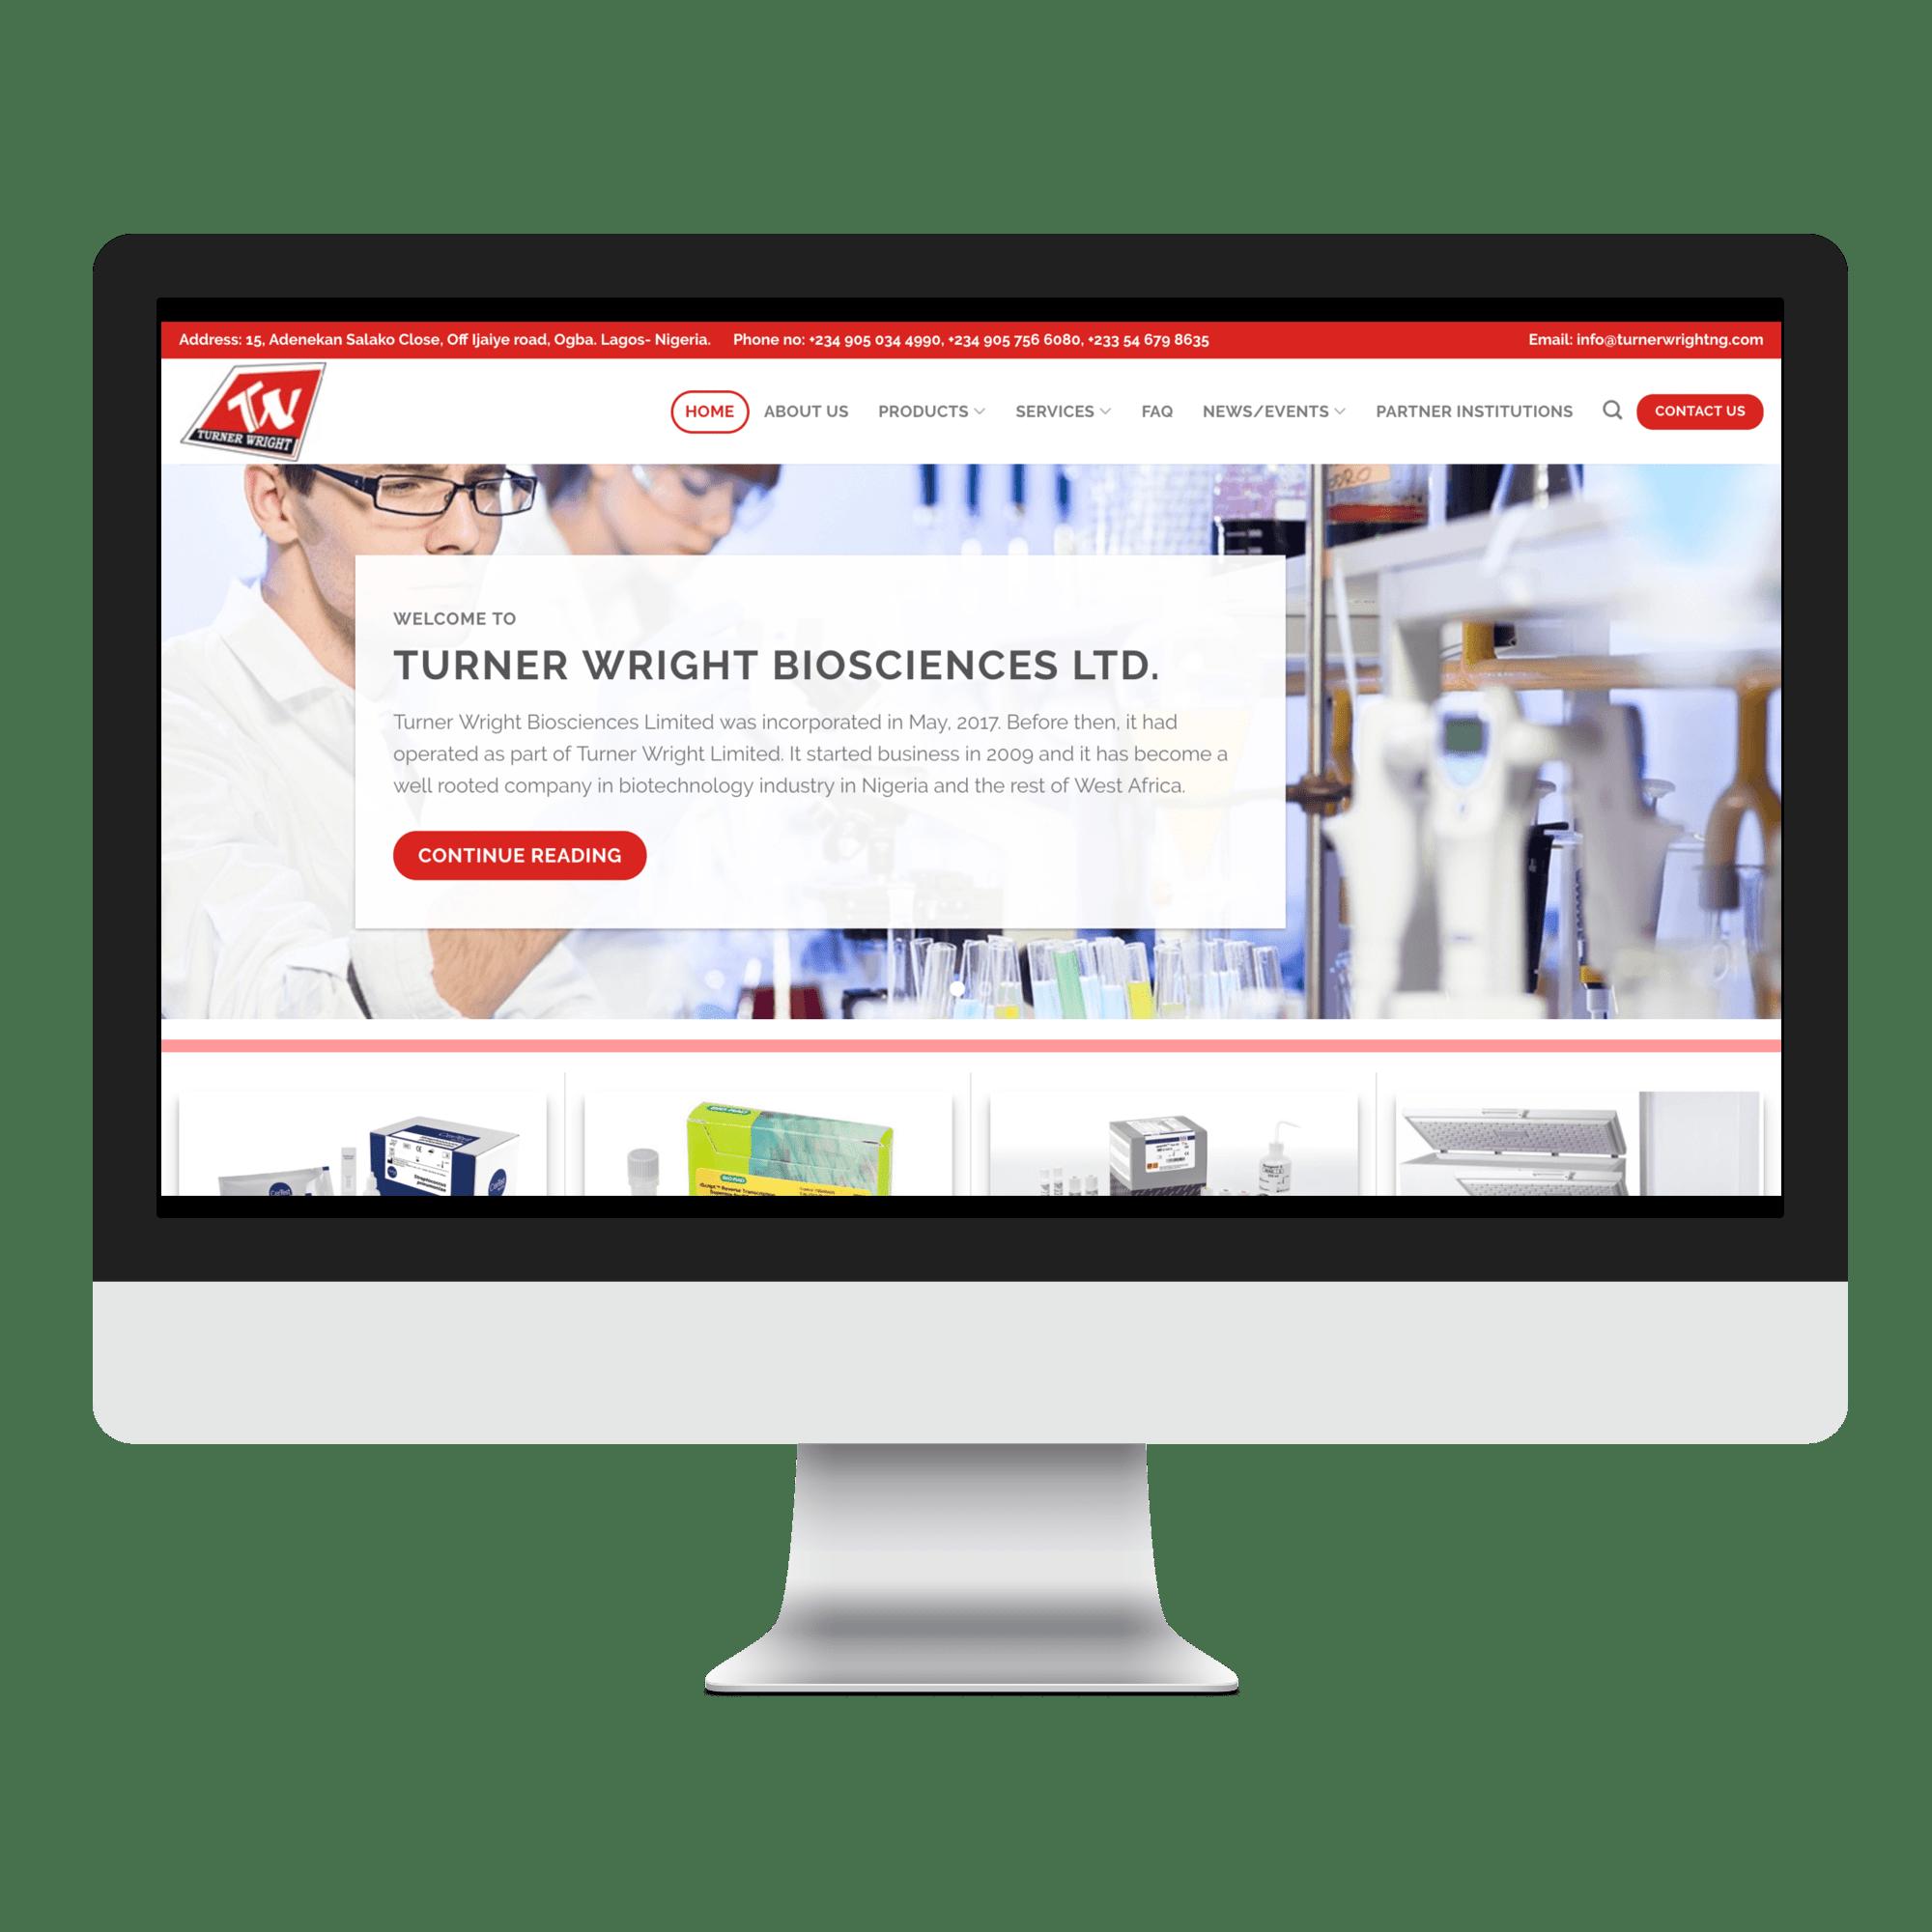 Turner Wright Biosciences Ltd